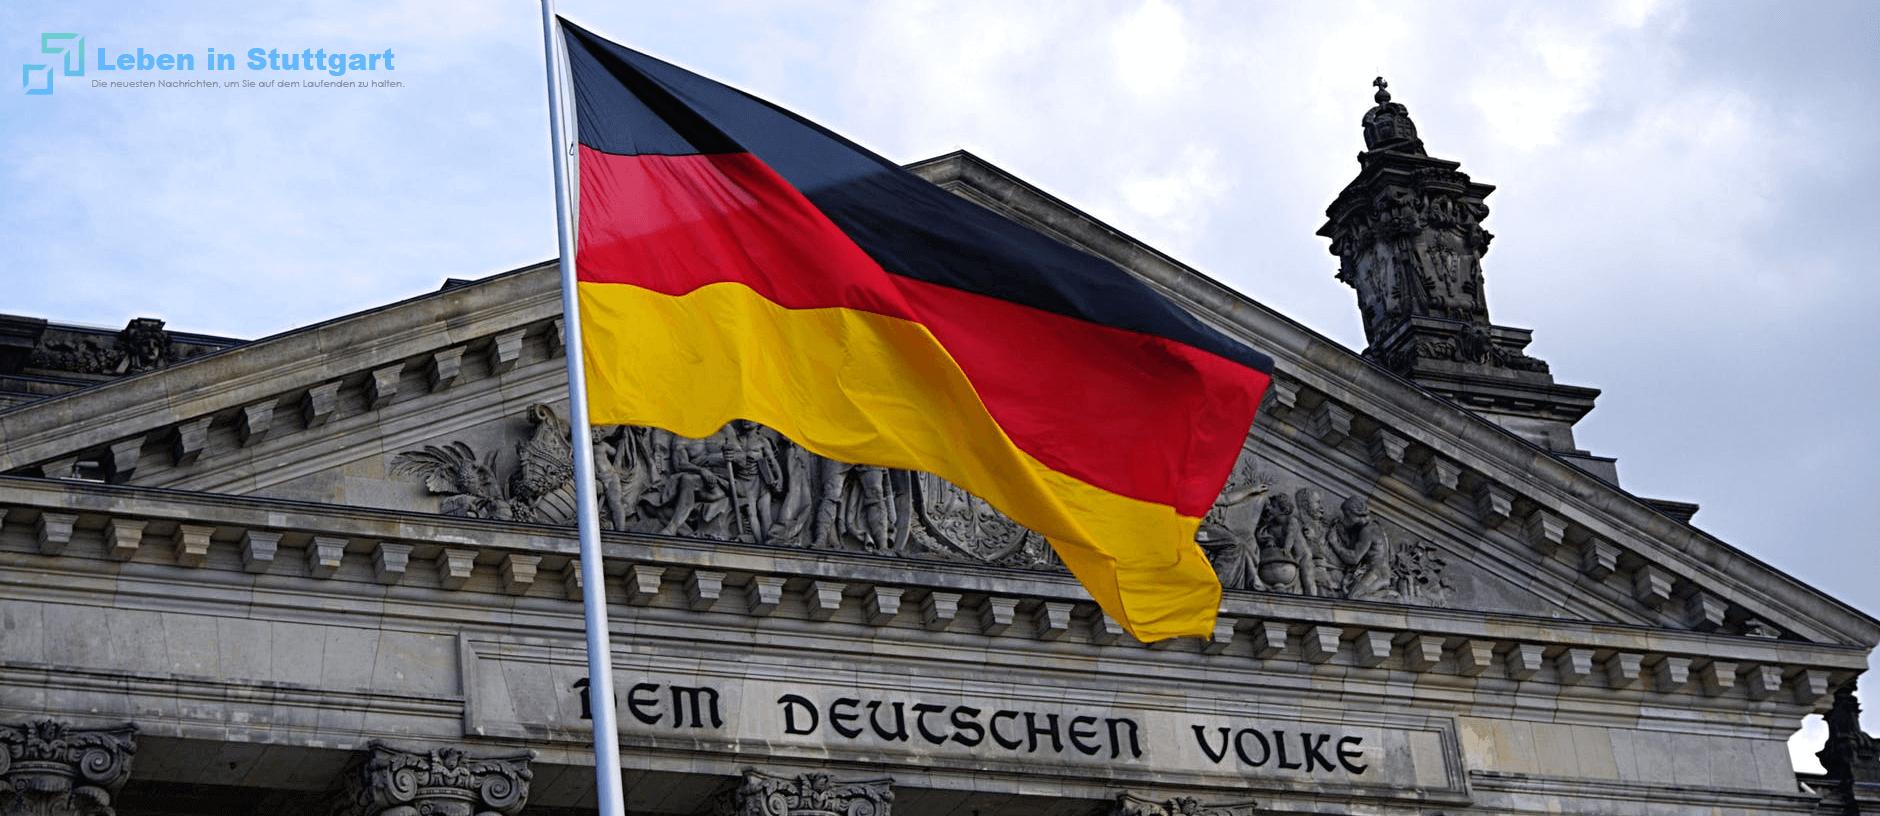 Die Grünen sind zur beliebtesten politischen Partei Deutschlands geworden. Wie ist es passiert?